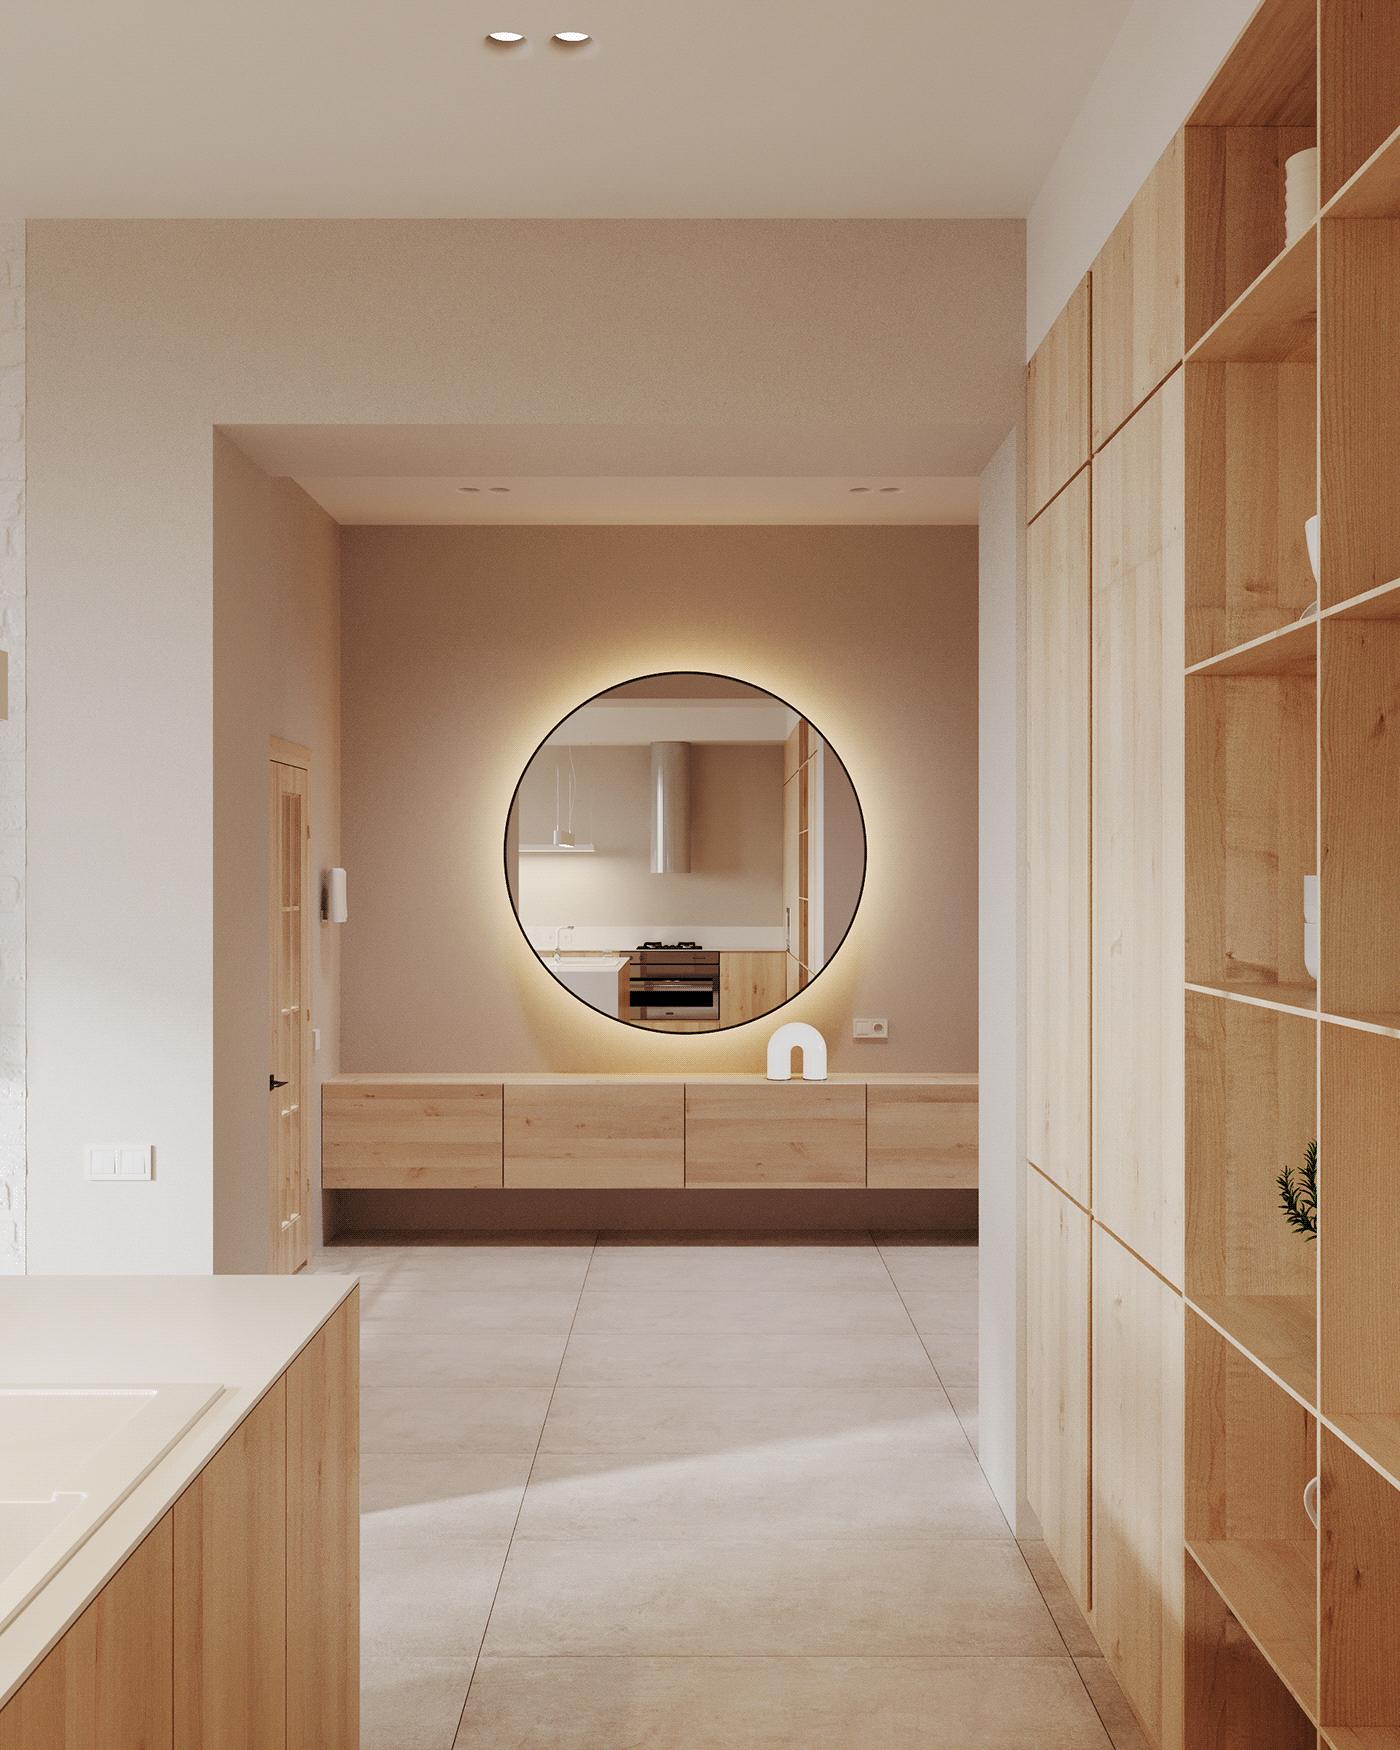 architecture desigh designer ecodesign homedesign housedesign interiordesign naturaldesugn Privatehouse privatehousedesign